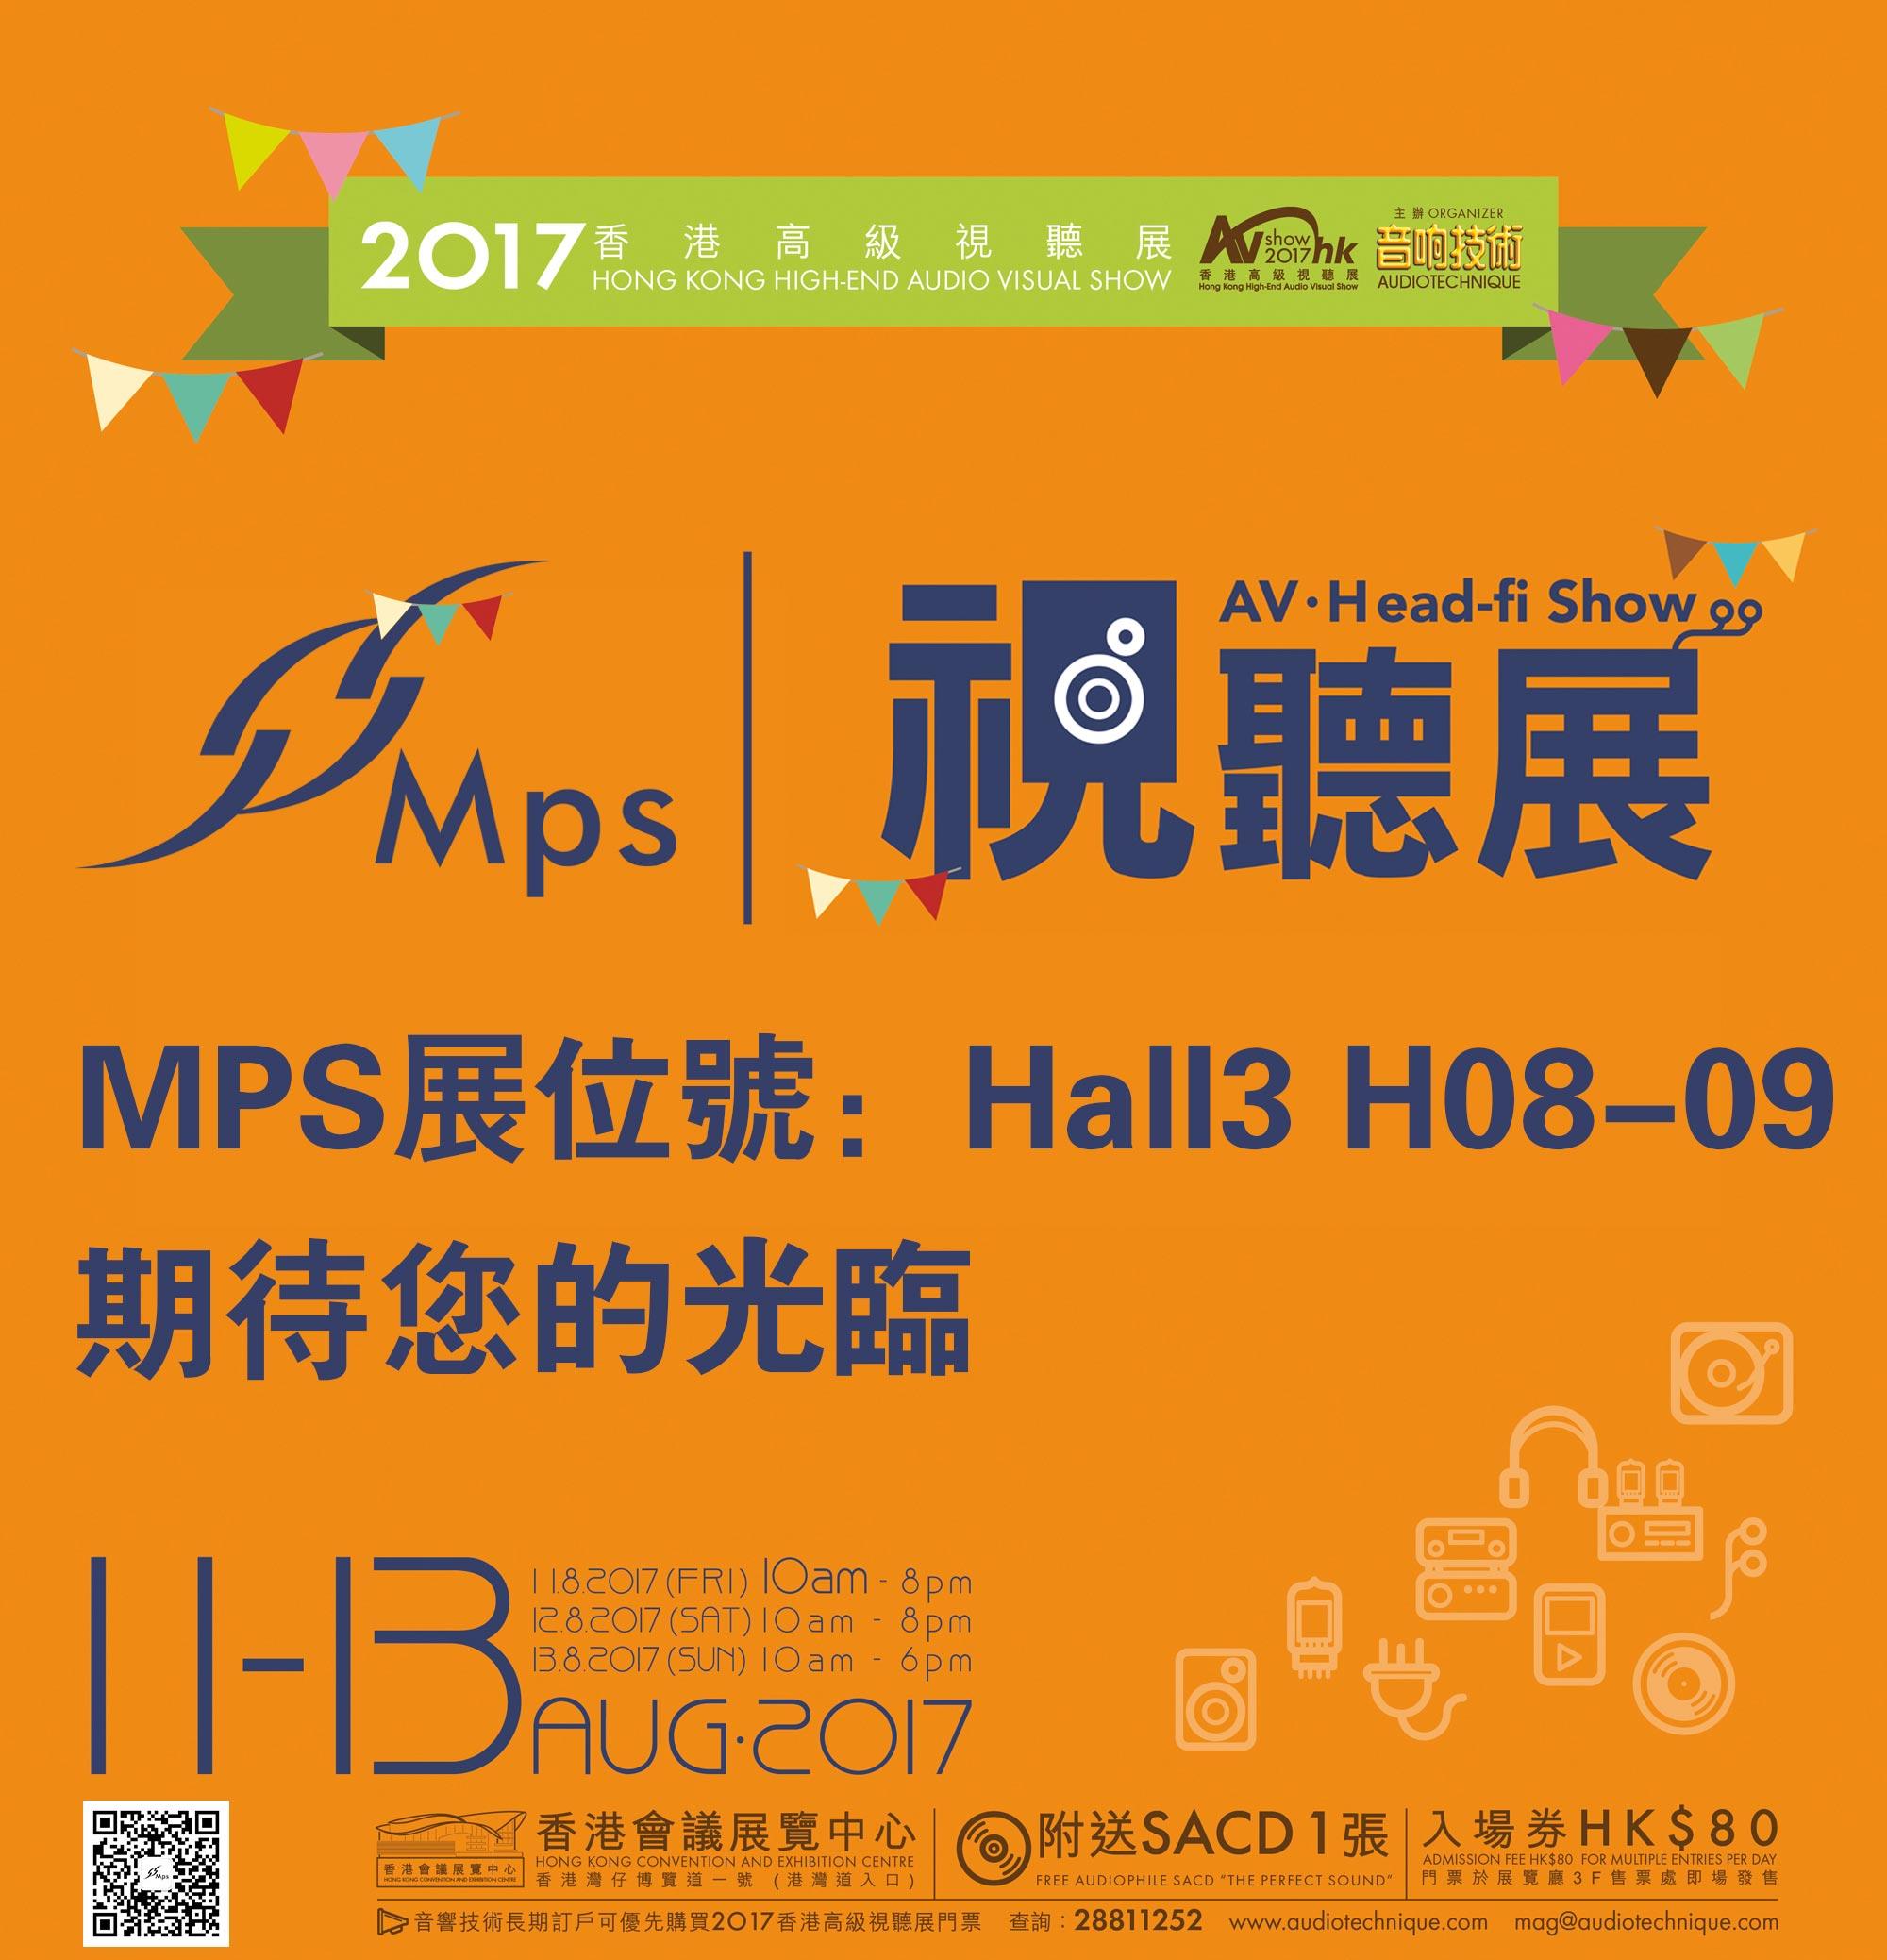 新氣象-台湾MPS將參展2017香港高級視聽展